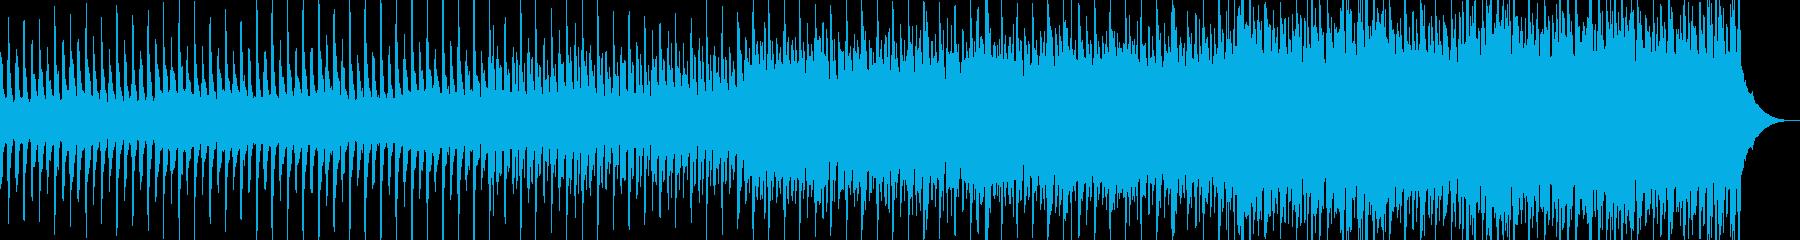 スパイ映画のオープニング風オーケストラ曲の再生済みの波形